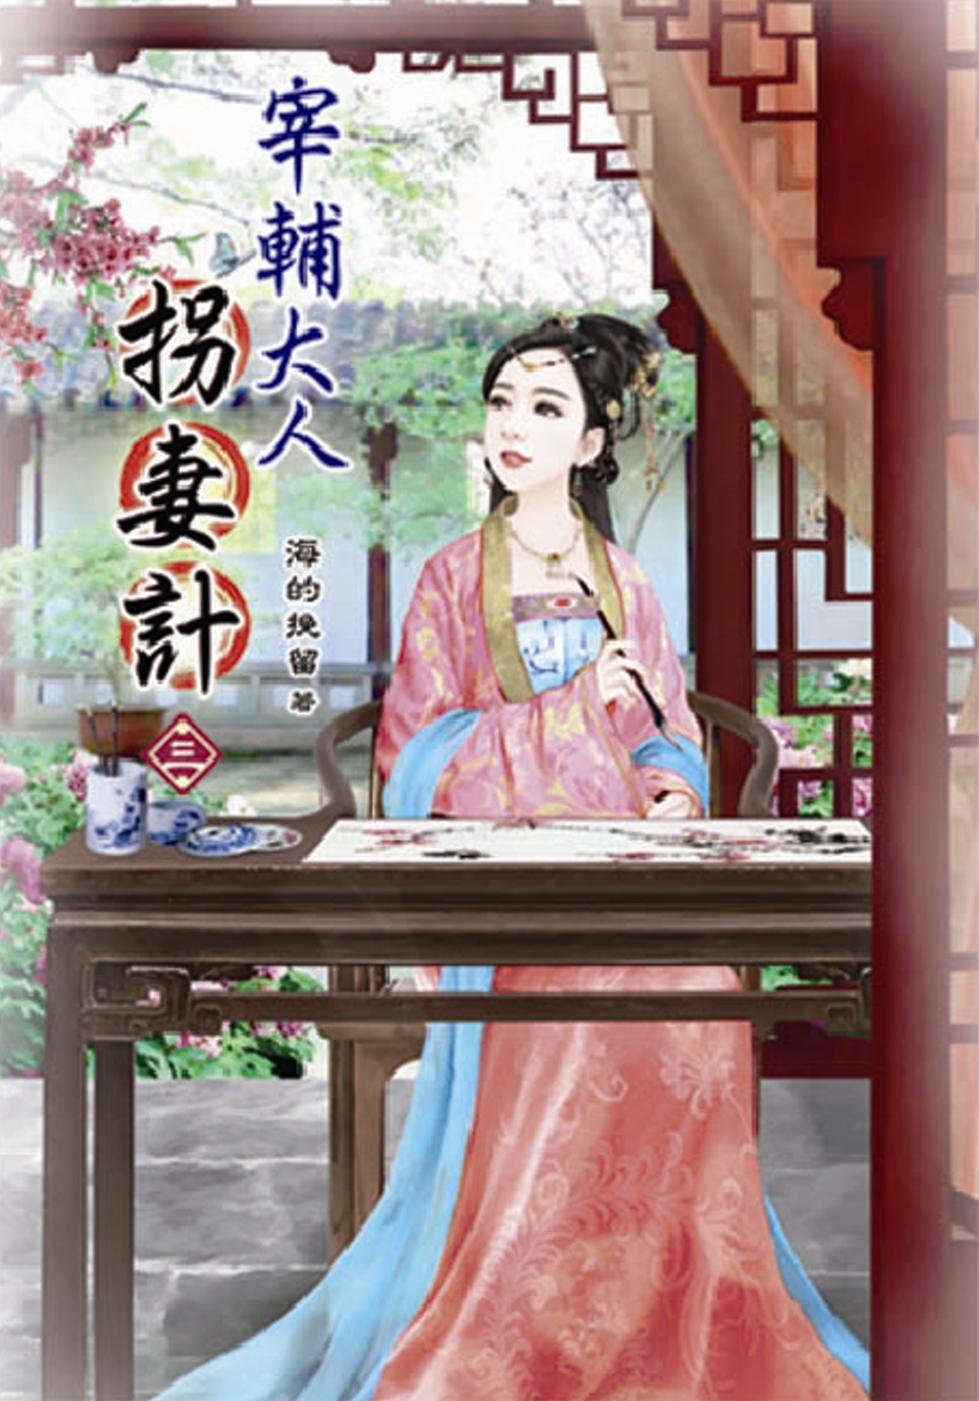 宰輔大人拐妻計(三)